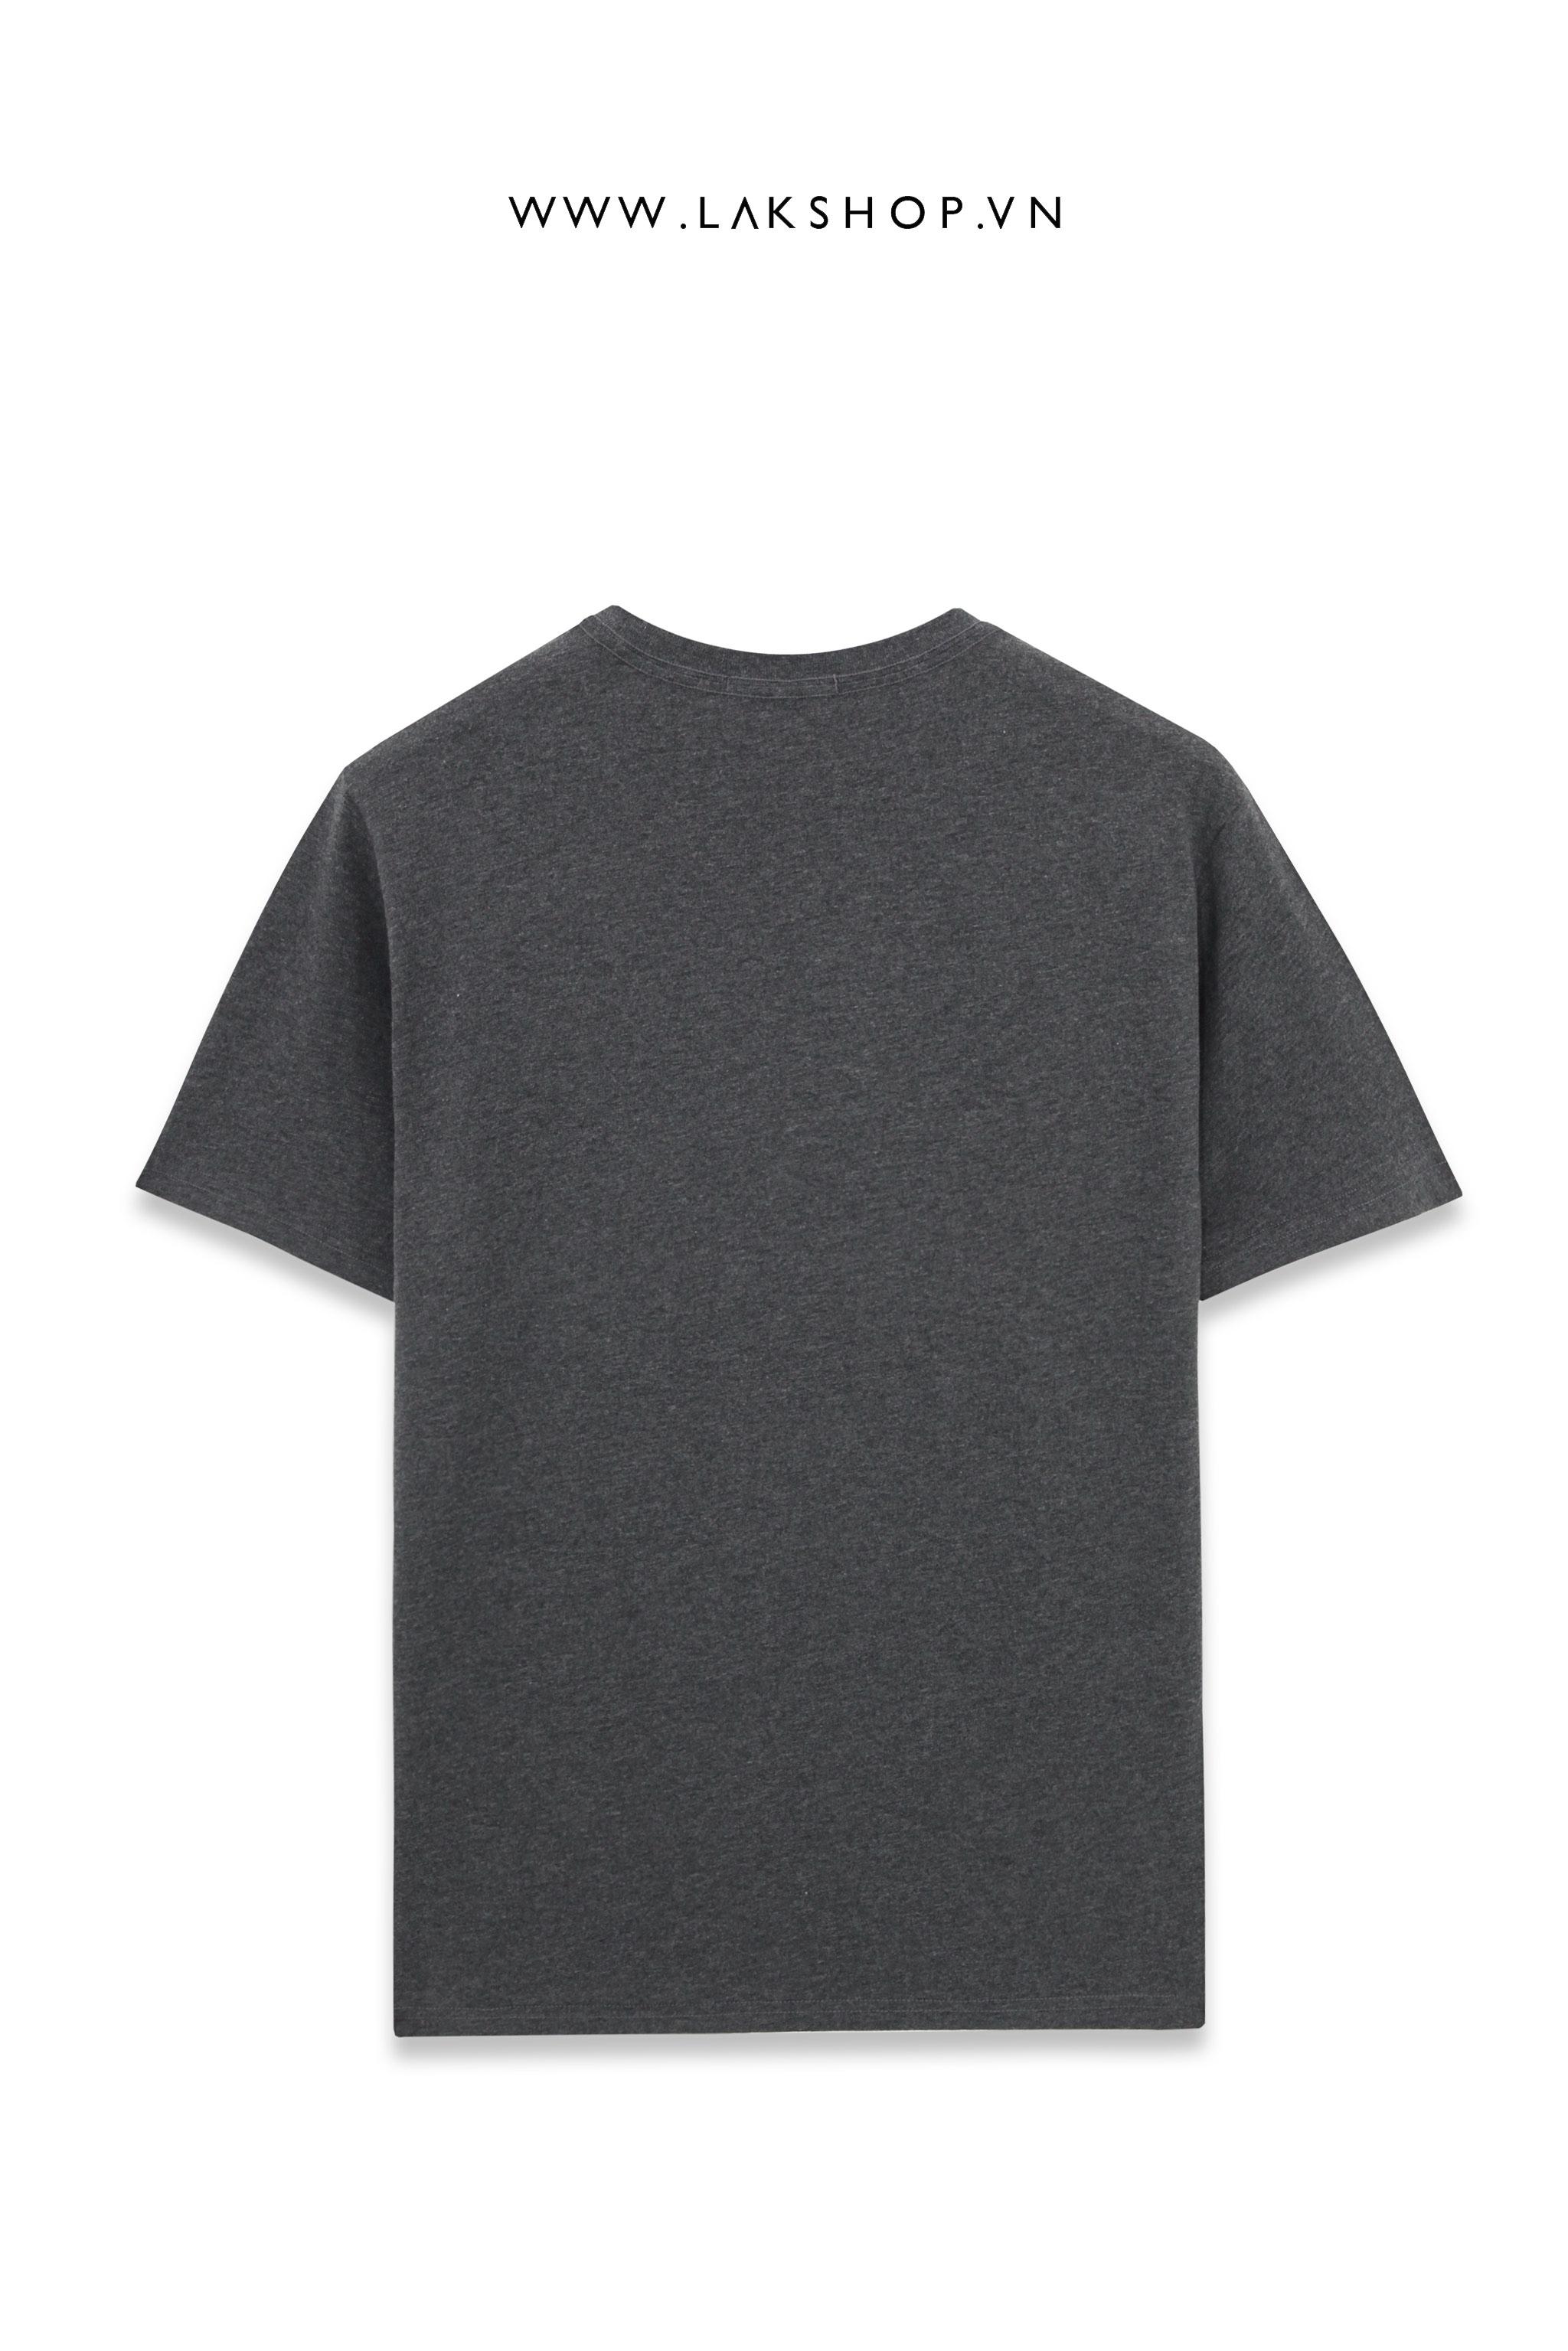 Balenciaga Black Velvet Logo Oversized Black T-shirt cv4